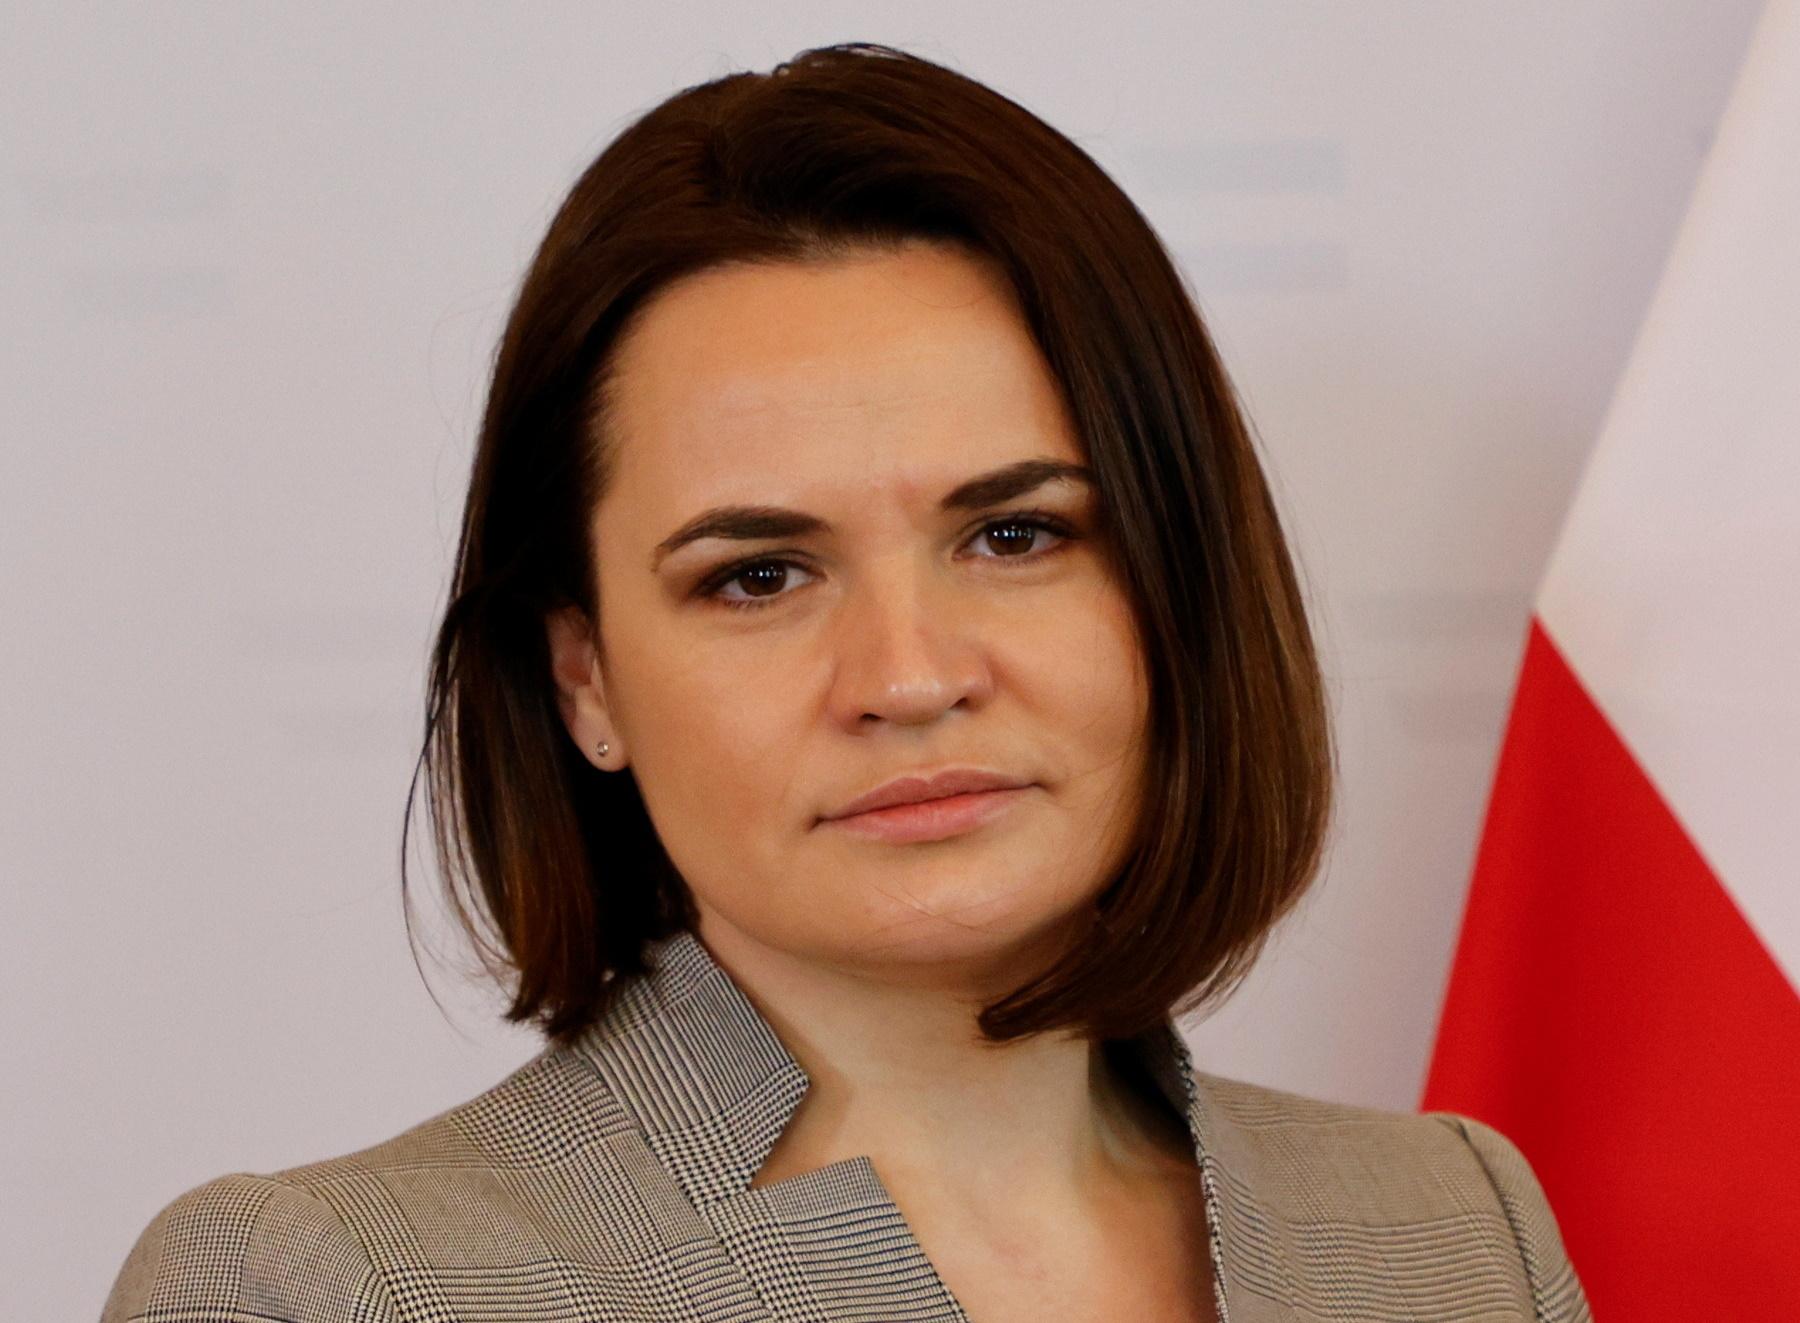 Μακρόν: Να προσκληθεί η  λευκορωσική αντιπολίτευση στη σύνοδο της G7